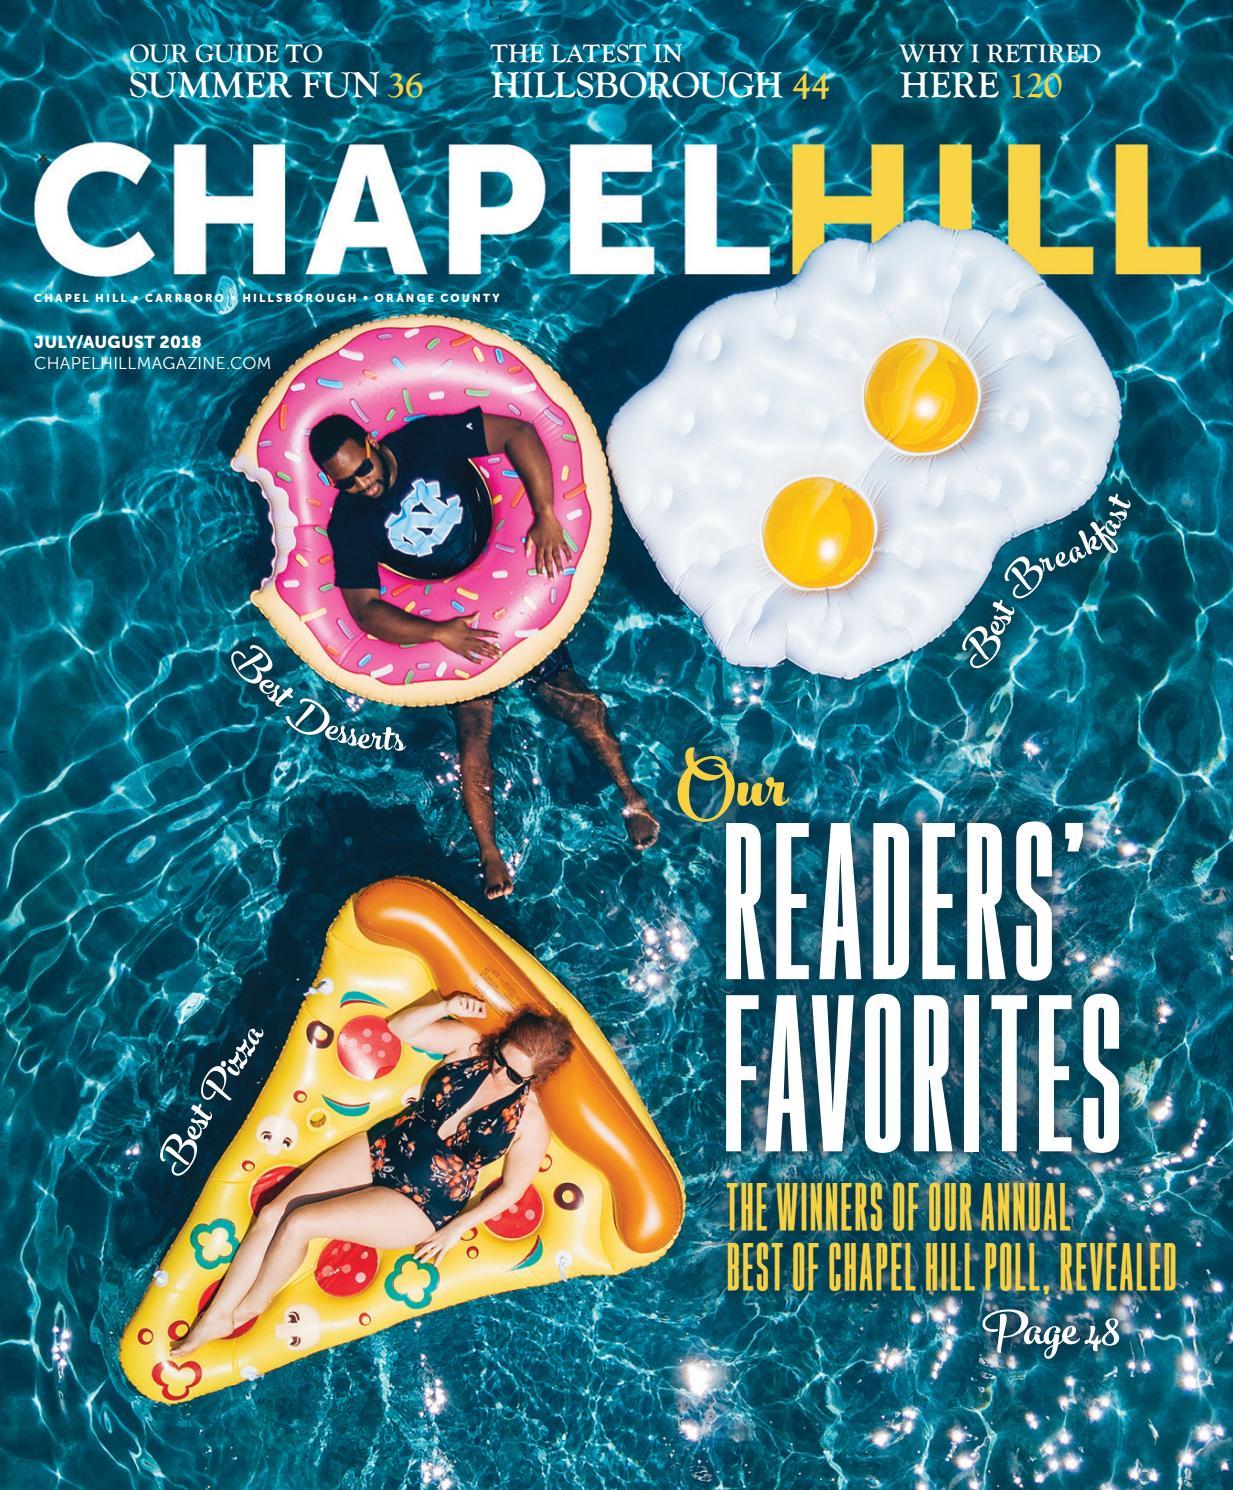 dd6d82ecdad Chapel Hill Magazine July August 2018 by Shannon Media - issuu